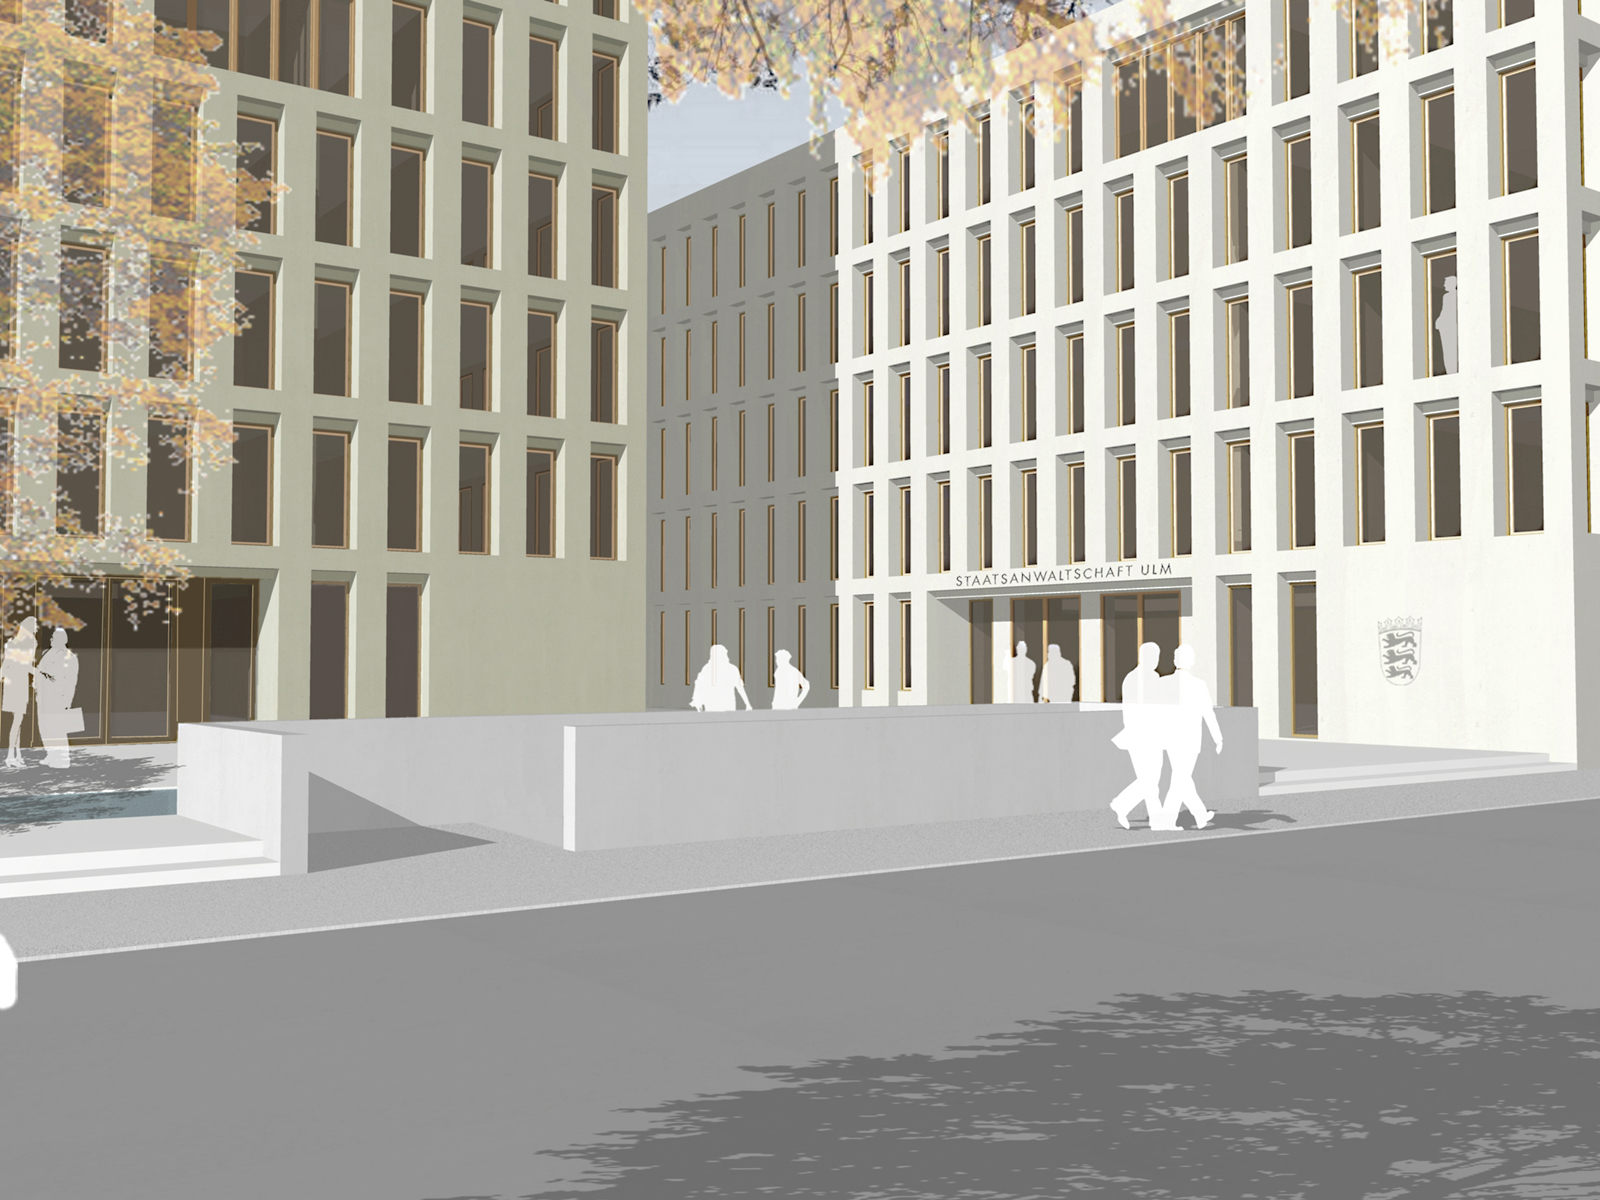 Perspektive-Justizplatz-Ulm-Wettbewerb-Neubau-Staatanwaltschaft-Ulm-3.Preis-2010-© Friedrich-Poerschke-Zwink-Architekten